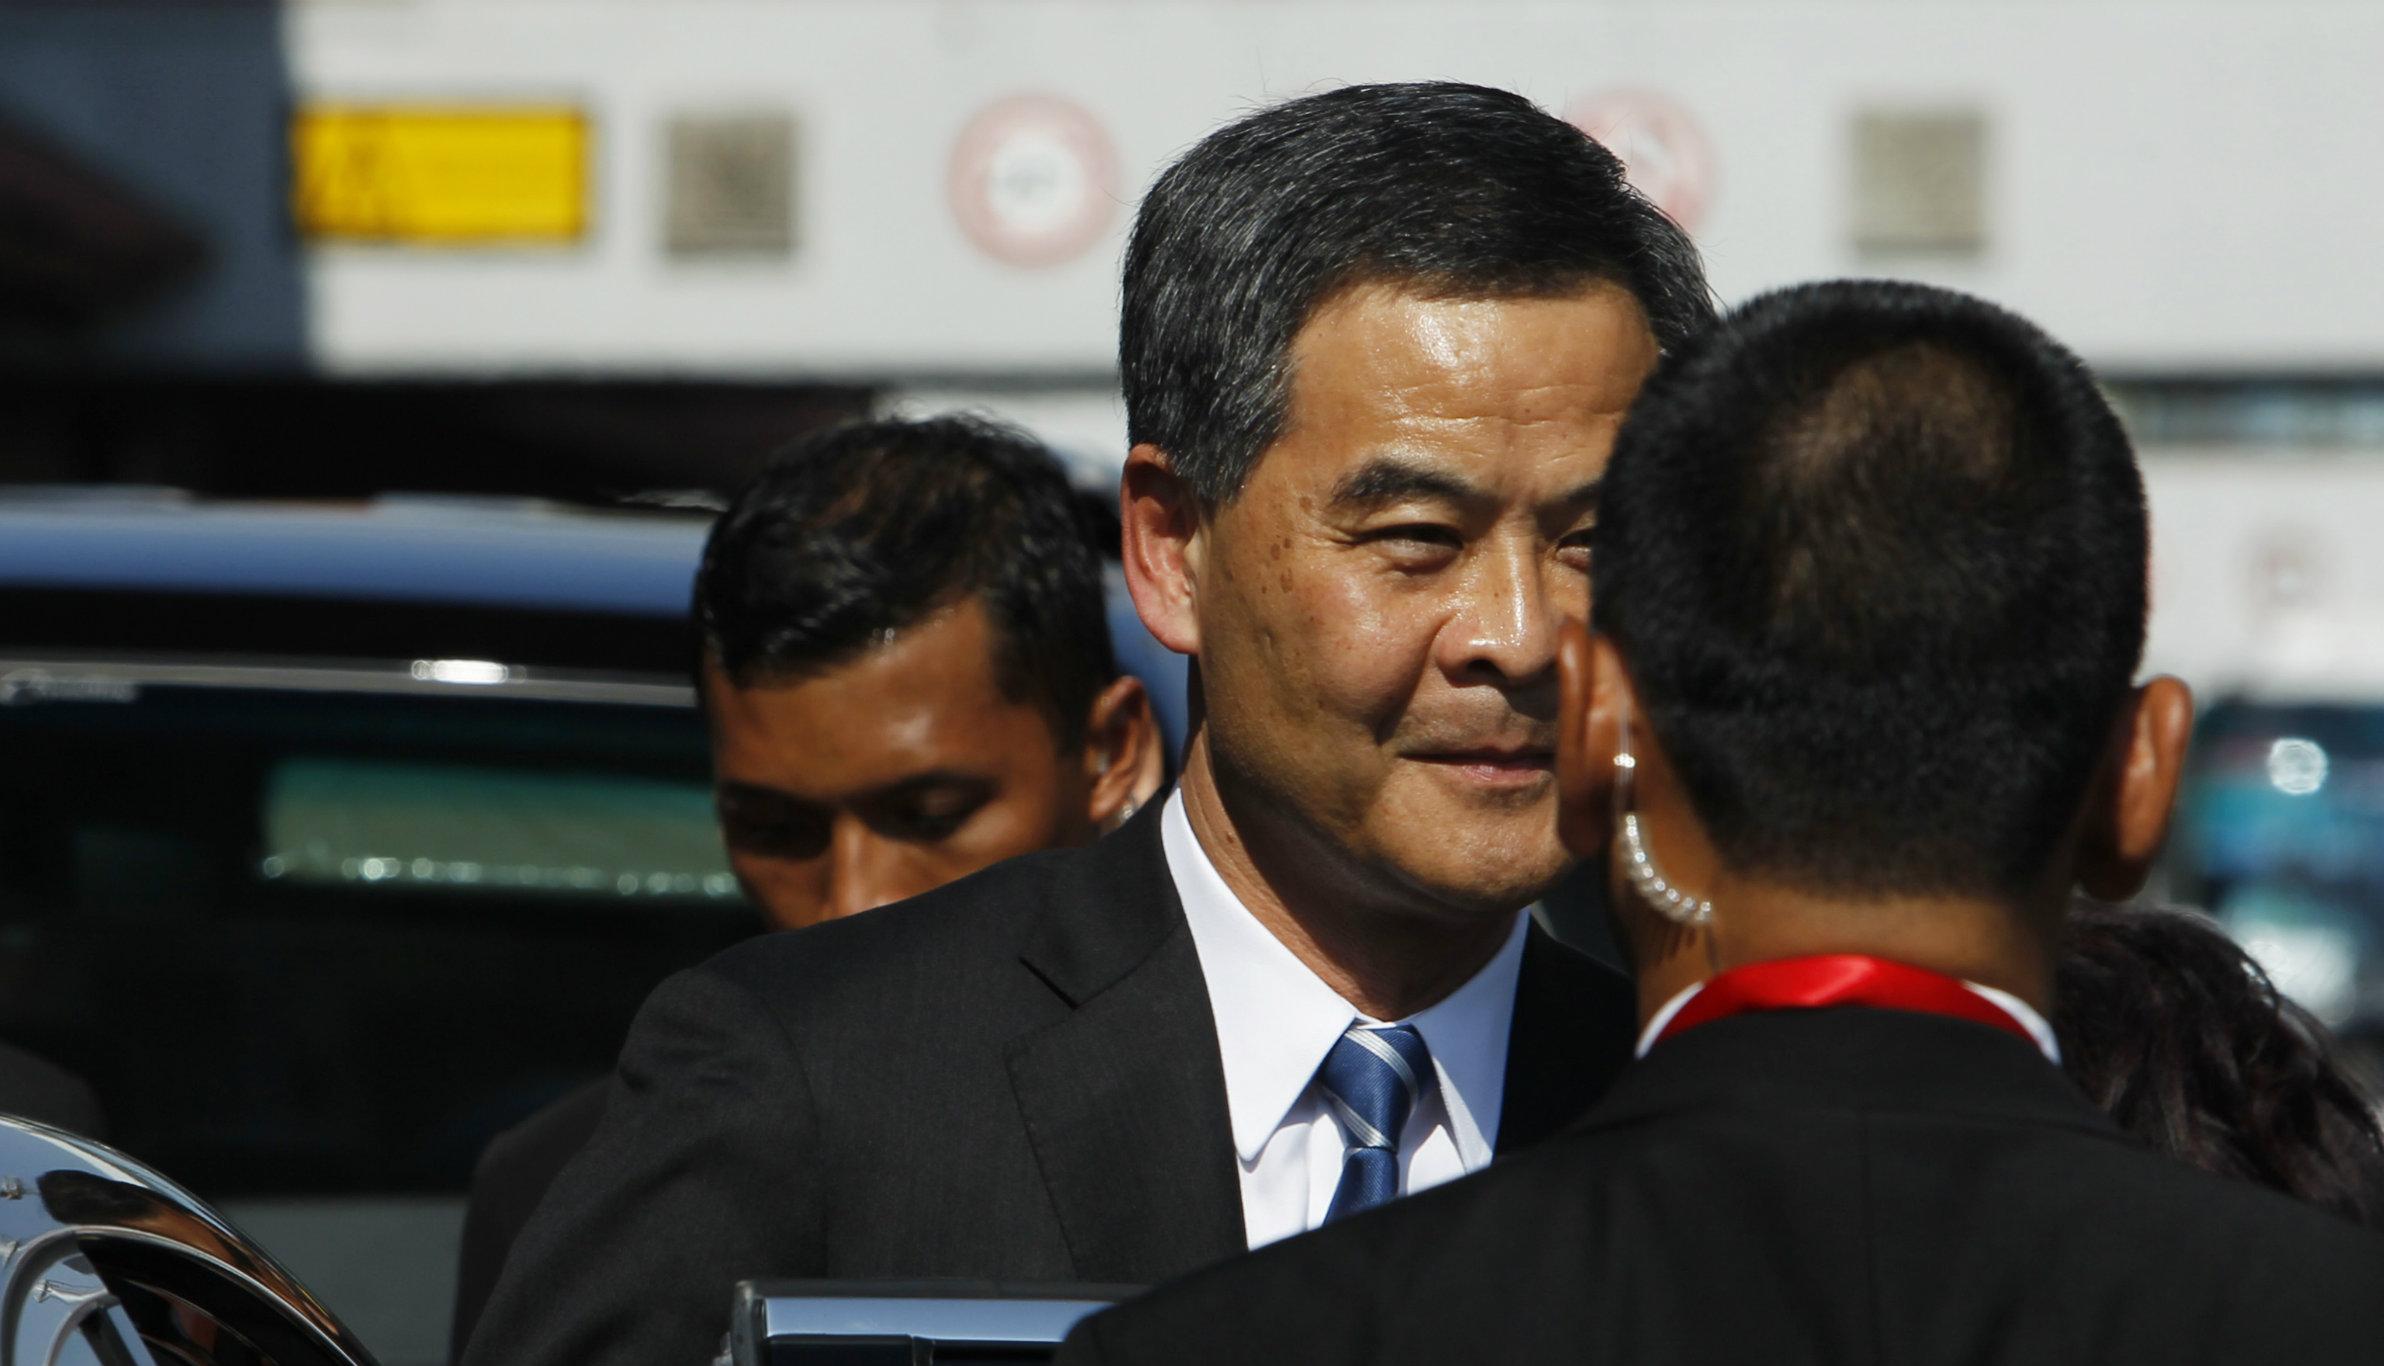 Hong Kong Chief Executive CY Leung